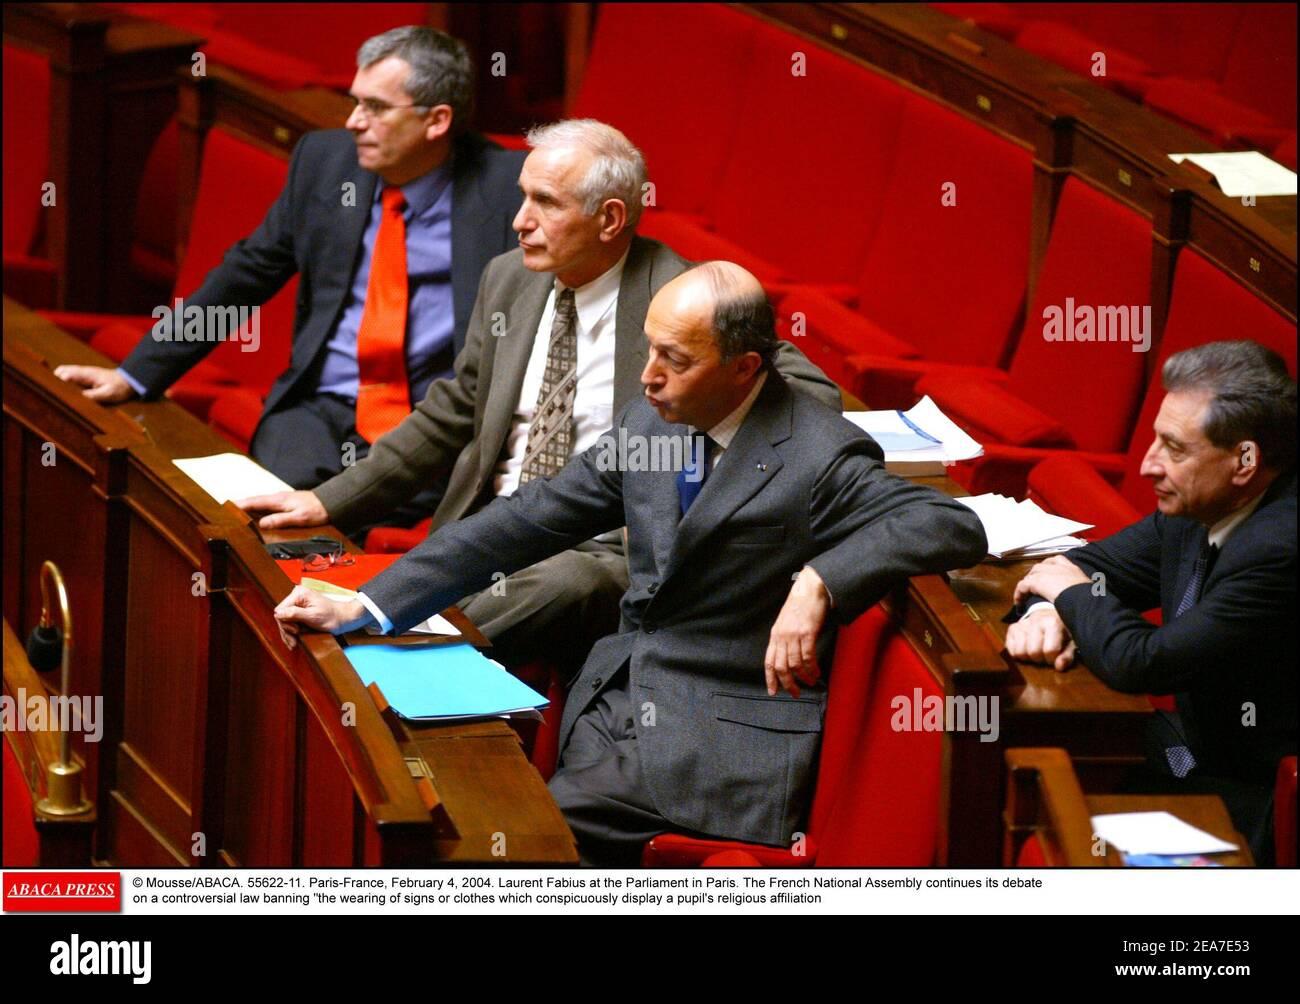 © Mousse/ABACA. 55622-11. Paris-Frankreich, 4. Februar 2004. Laurent Fabius im Parlament in Paris. Die französische Nationalversammlung setzt ihre Debatte über ein umstrittenes Gesetz fort, das das Tragen von Zeichen oder Kleidung, die auffällig die religiöse Zugehörigkeit eines Schülers zeigen, verbietet Stockfoto